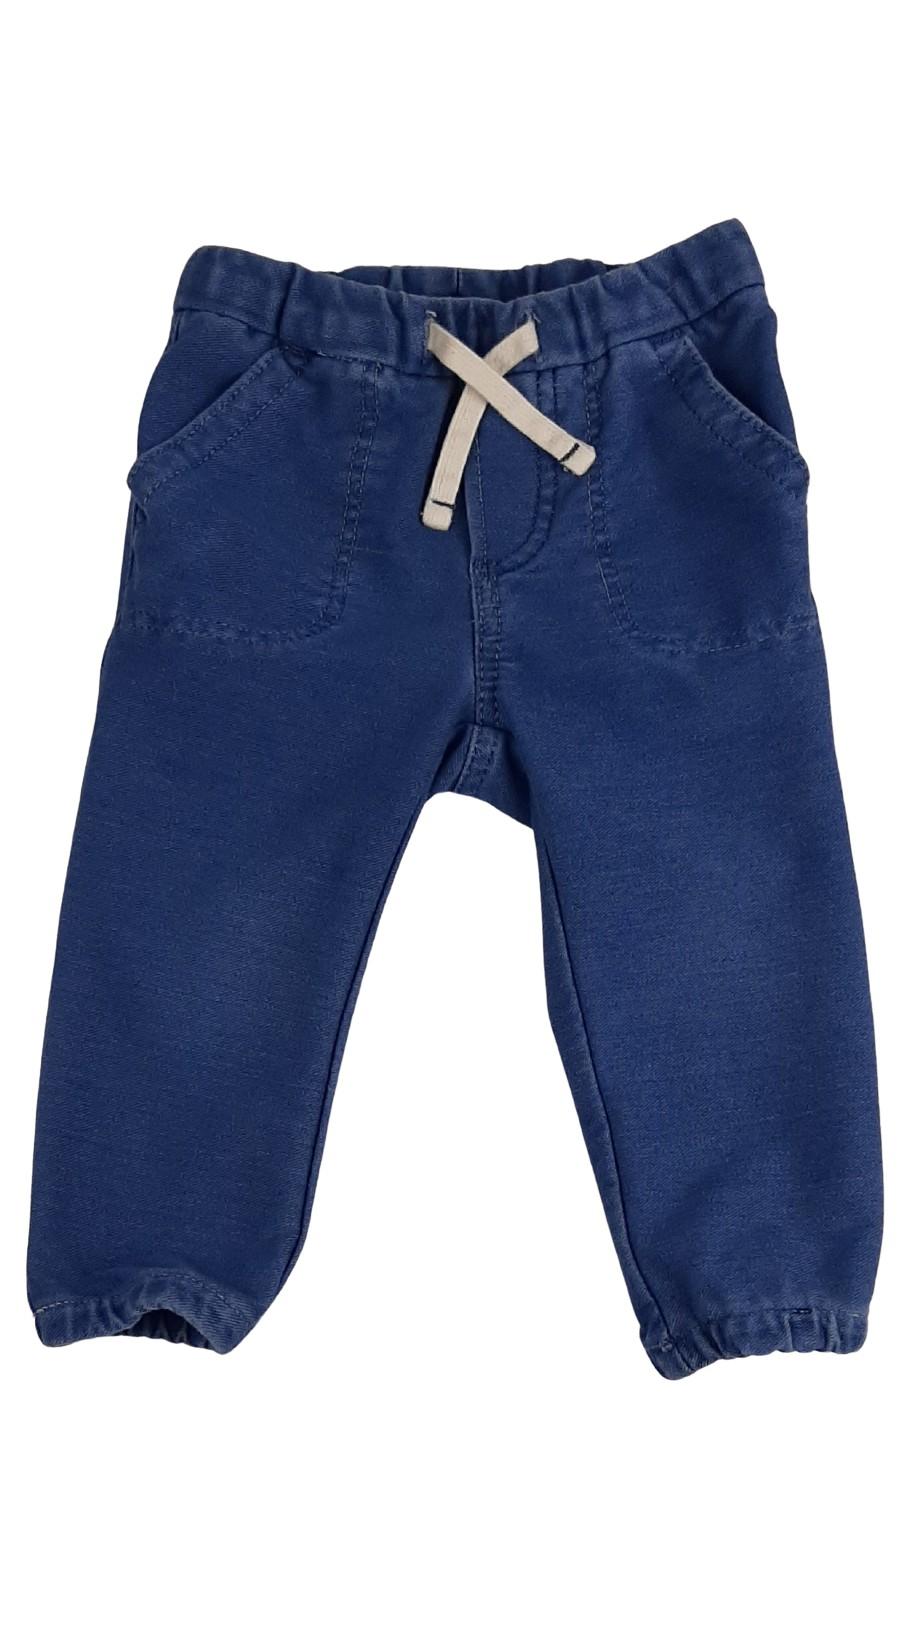 Pantalon façon jean